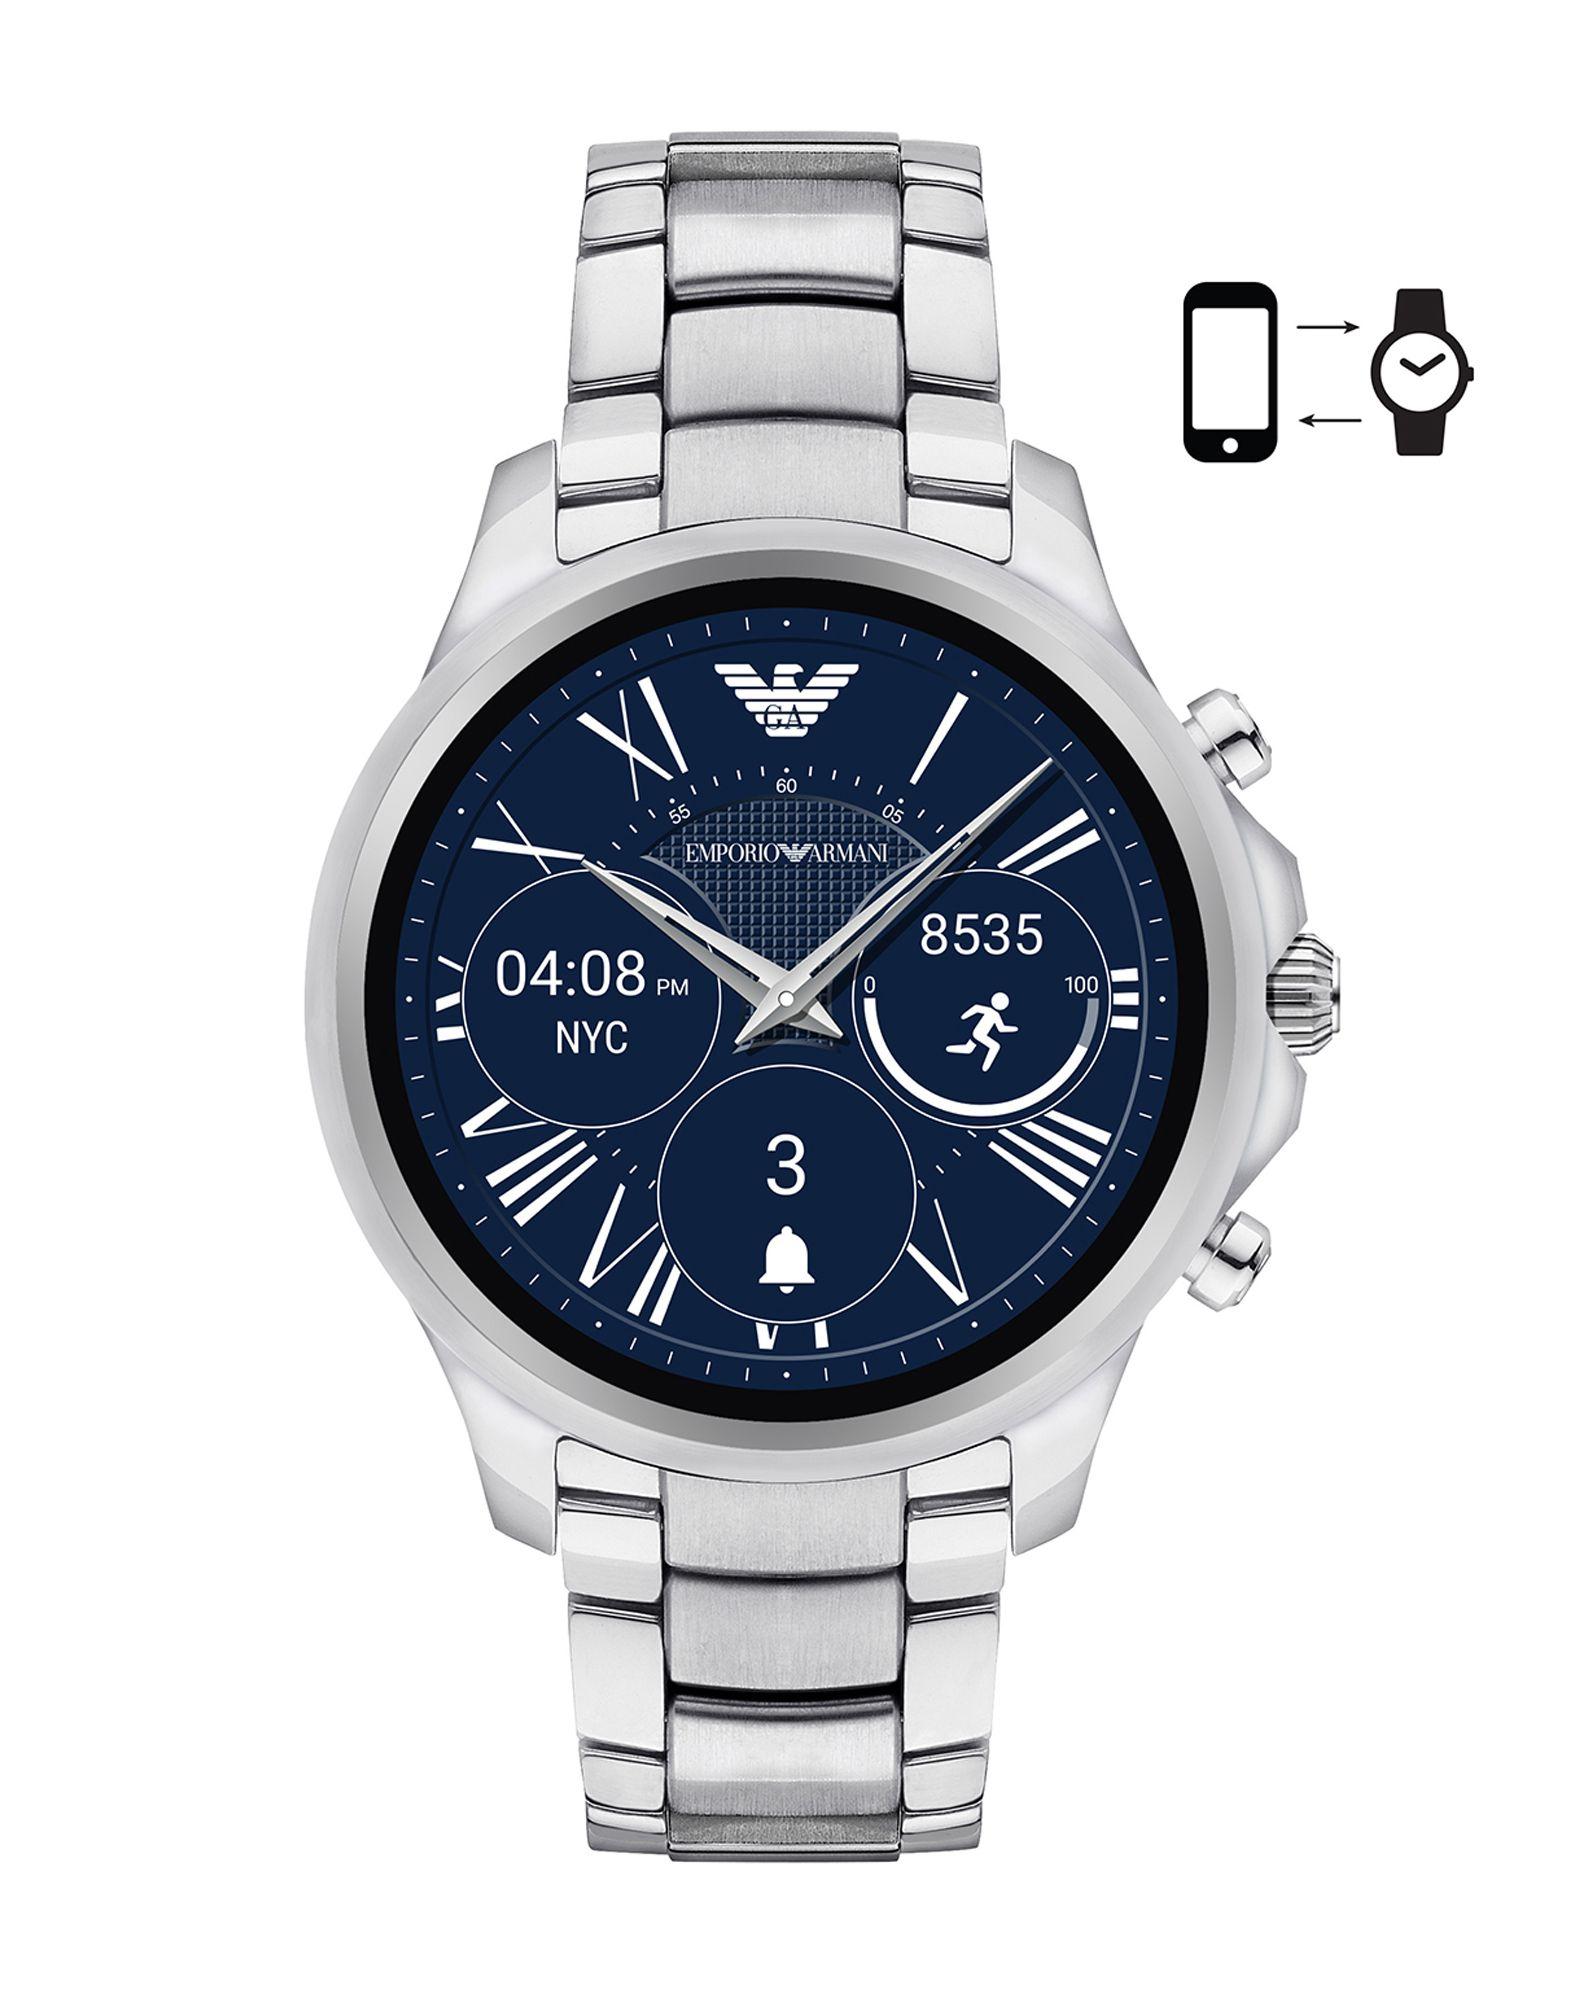 EMPORIO ARMANI CONNECTED Herren Smartwatch Farbe Silber Größe 1